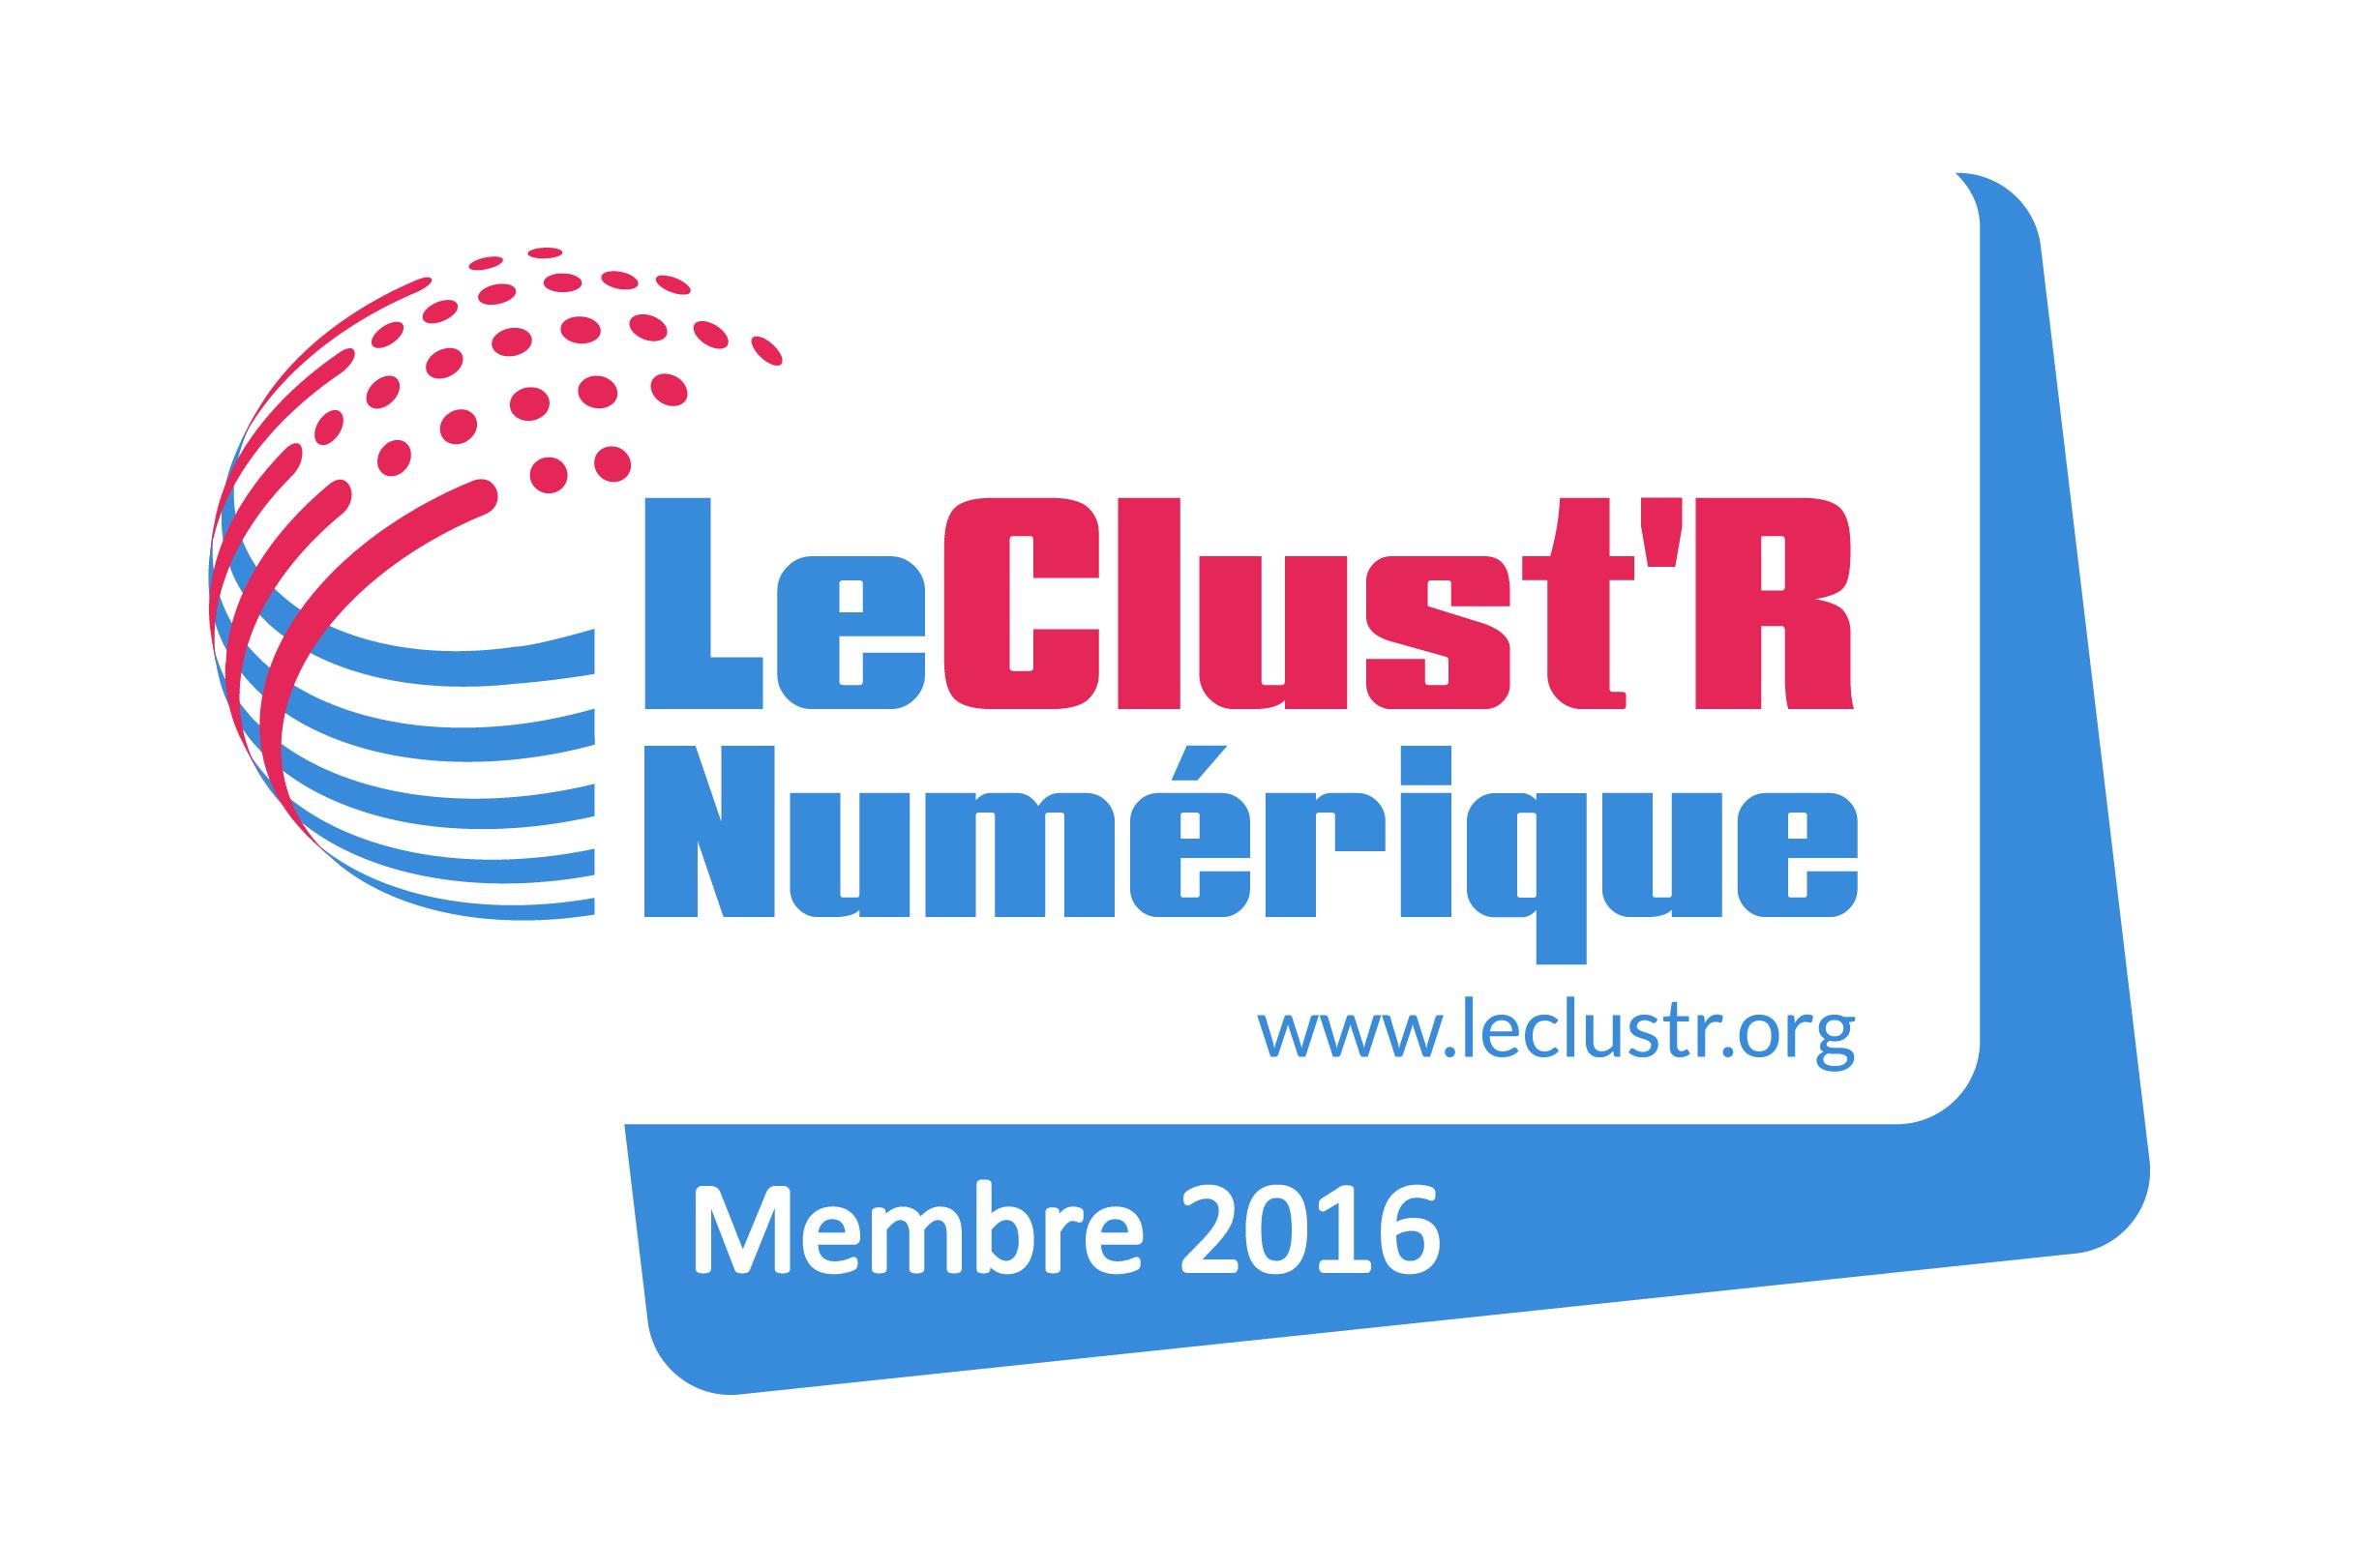 ClustR Numerique - Miembro 2016